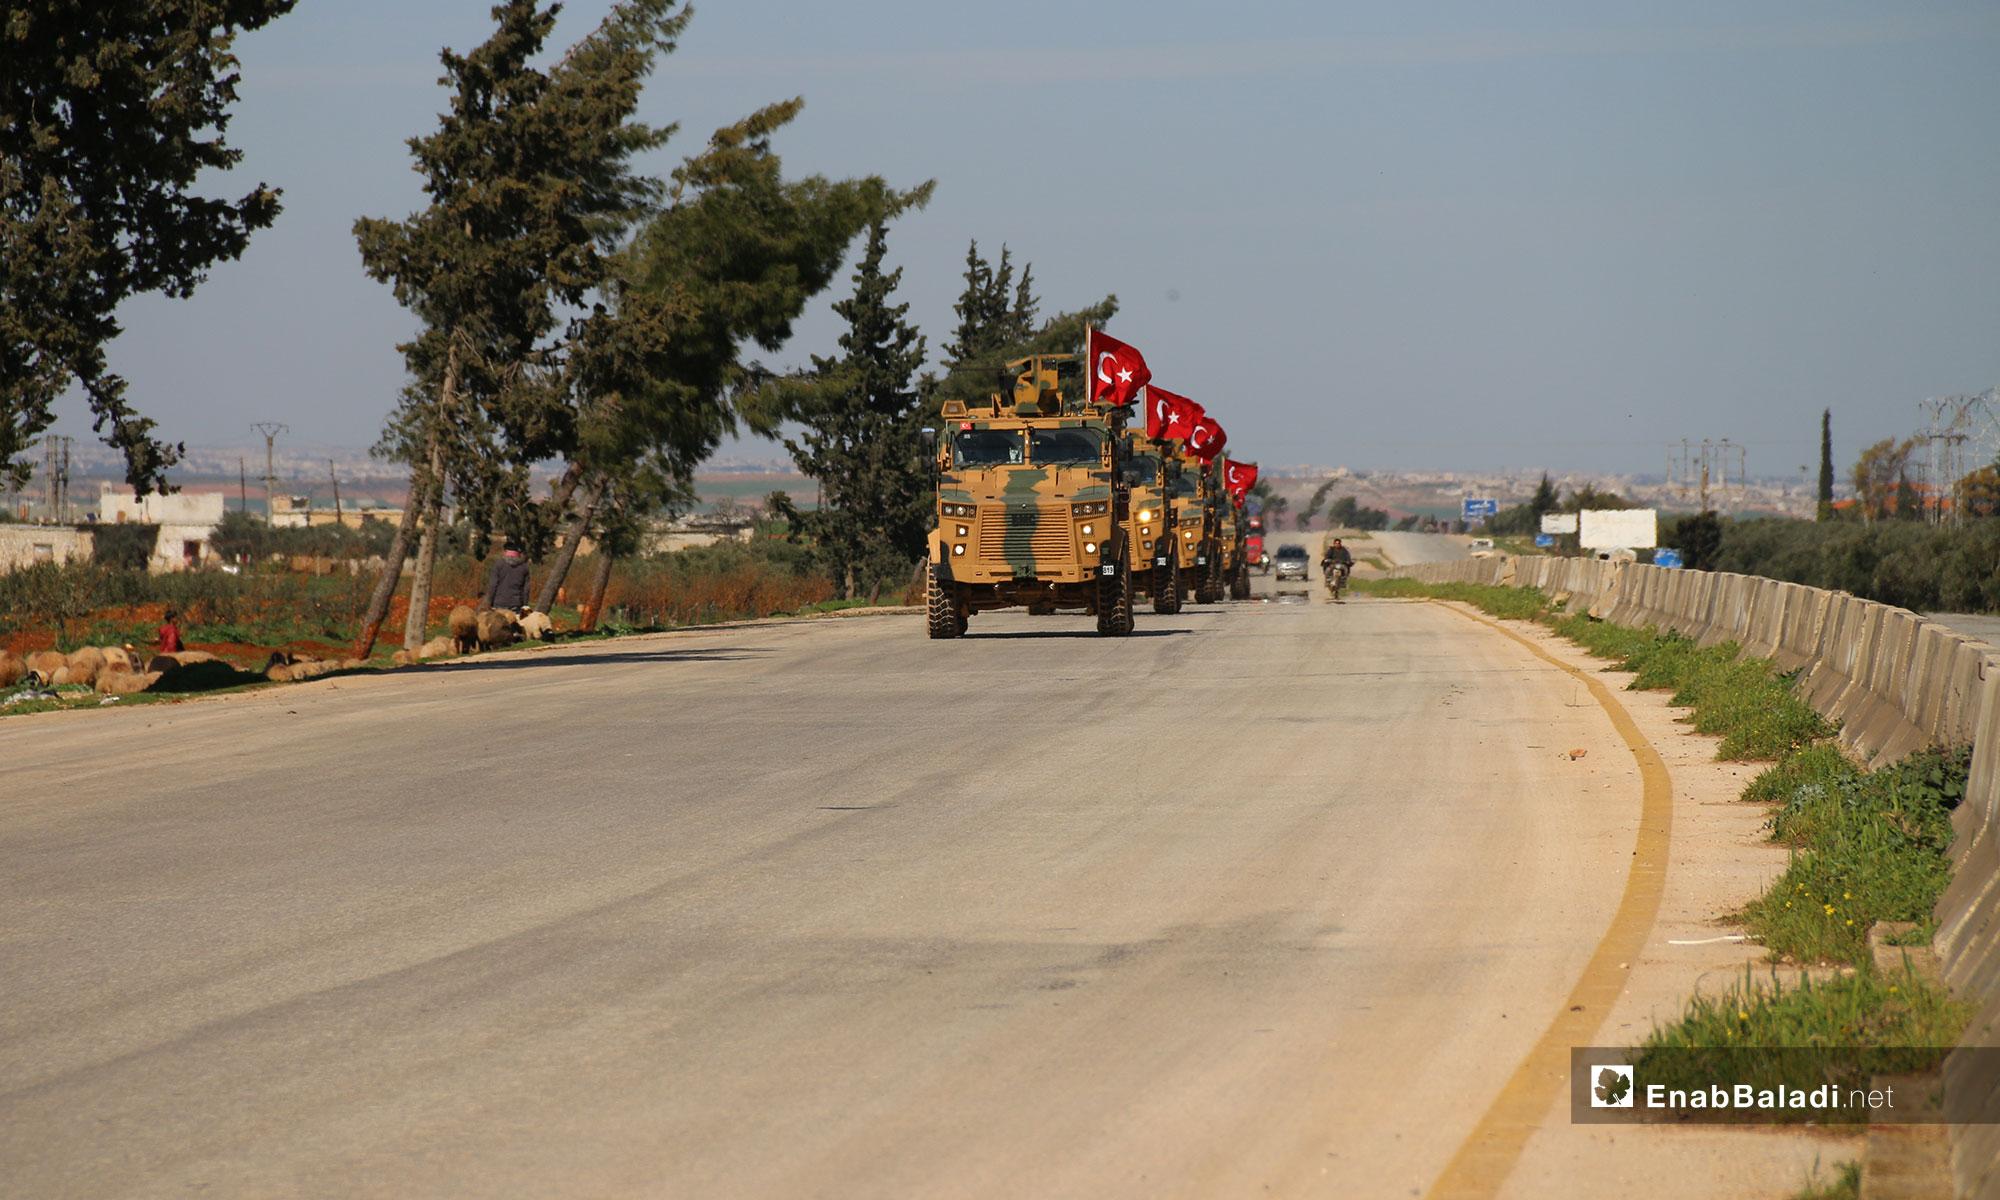 دورية تركية أثناء مرورها بمحافظة إدلب بعد ساعات على دخولها المنطقة العازلة باتفاق روسي 8 آذار 2019 (عنب بلدي)